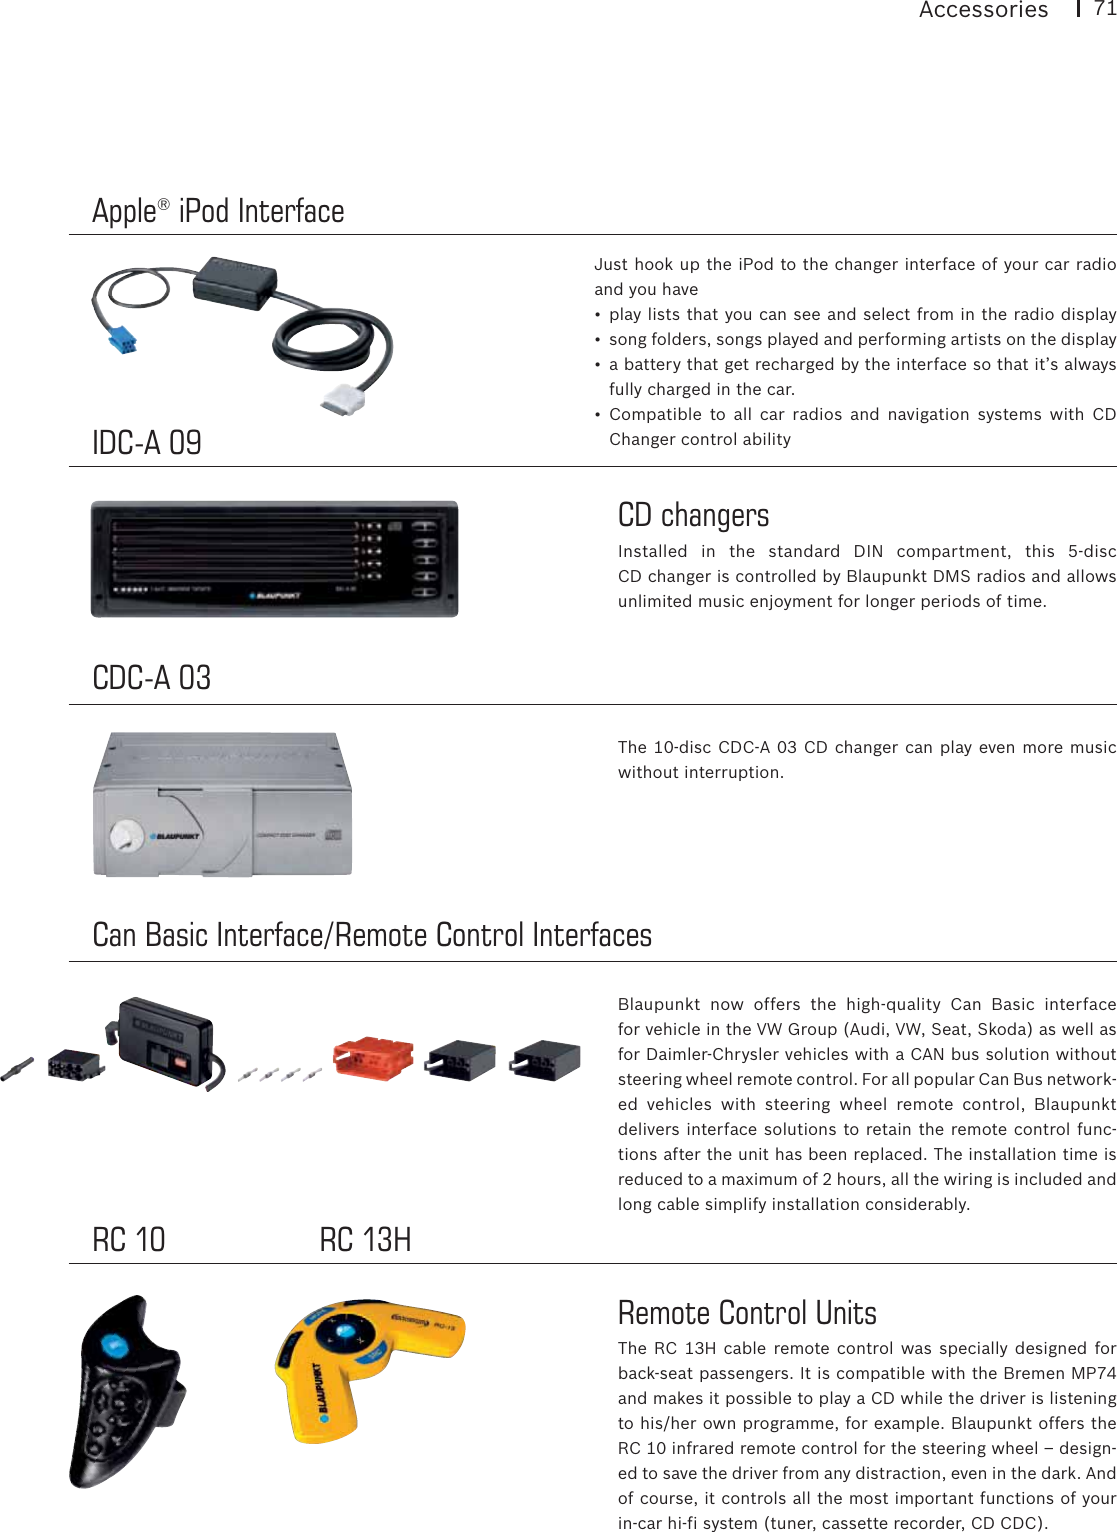 Blaupunkt Car Multimedia Users Manual